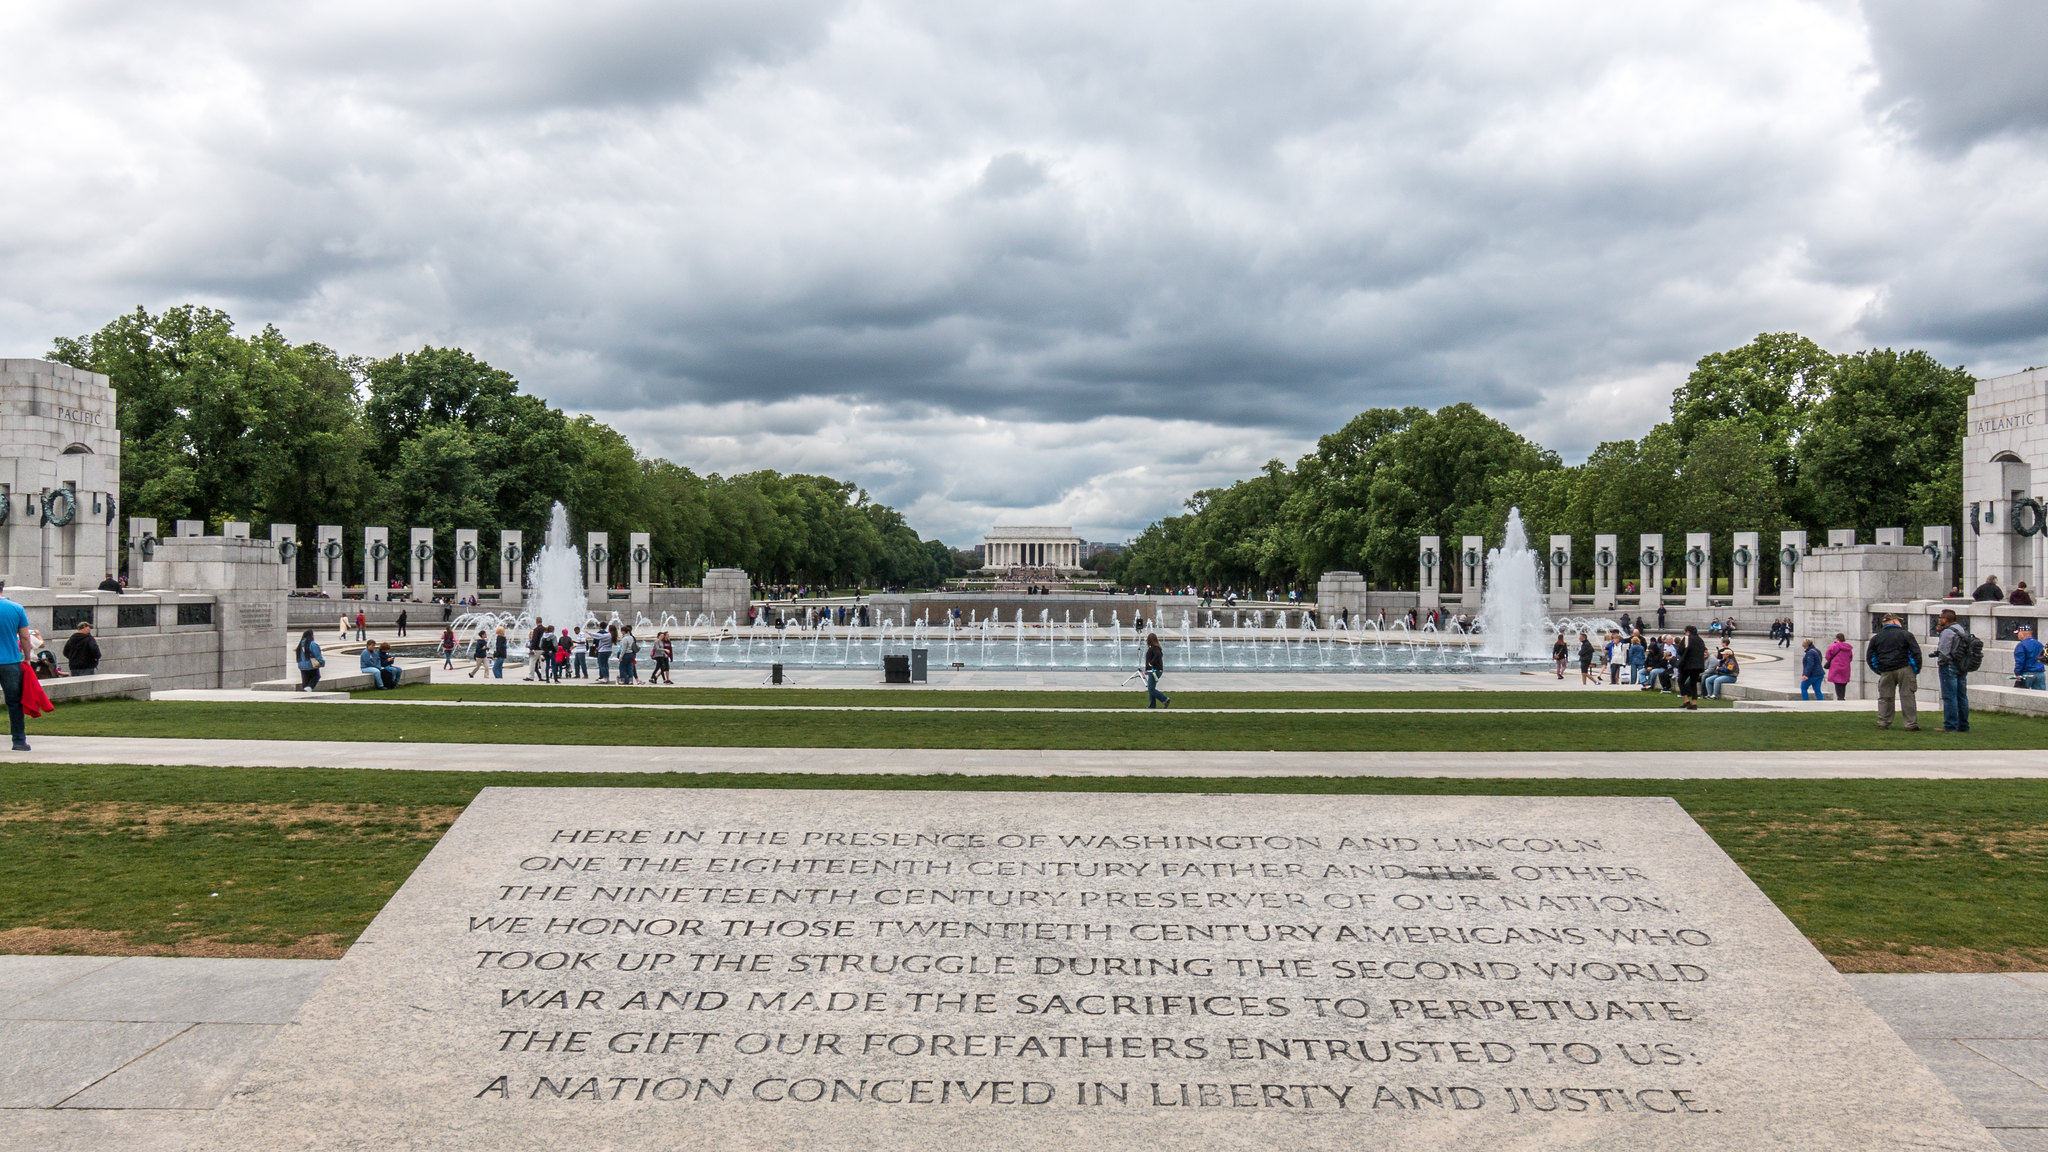 Washington DC - [USA]